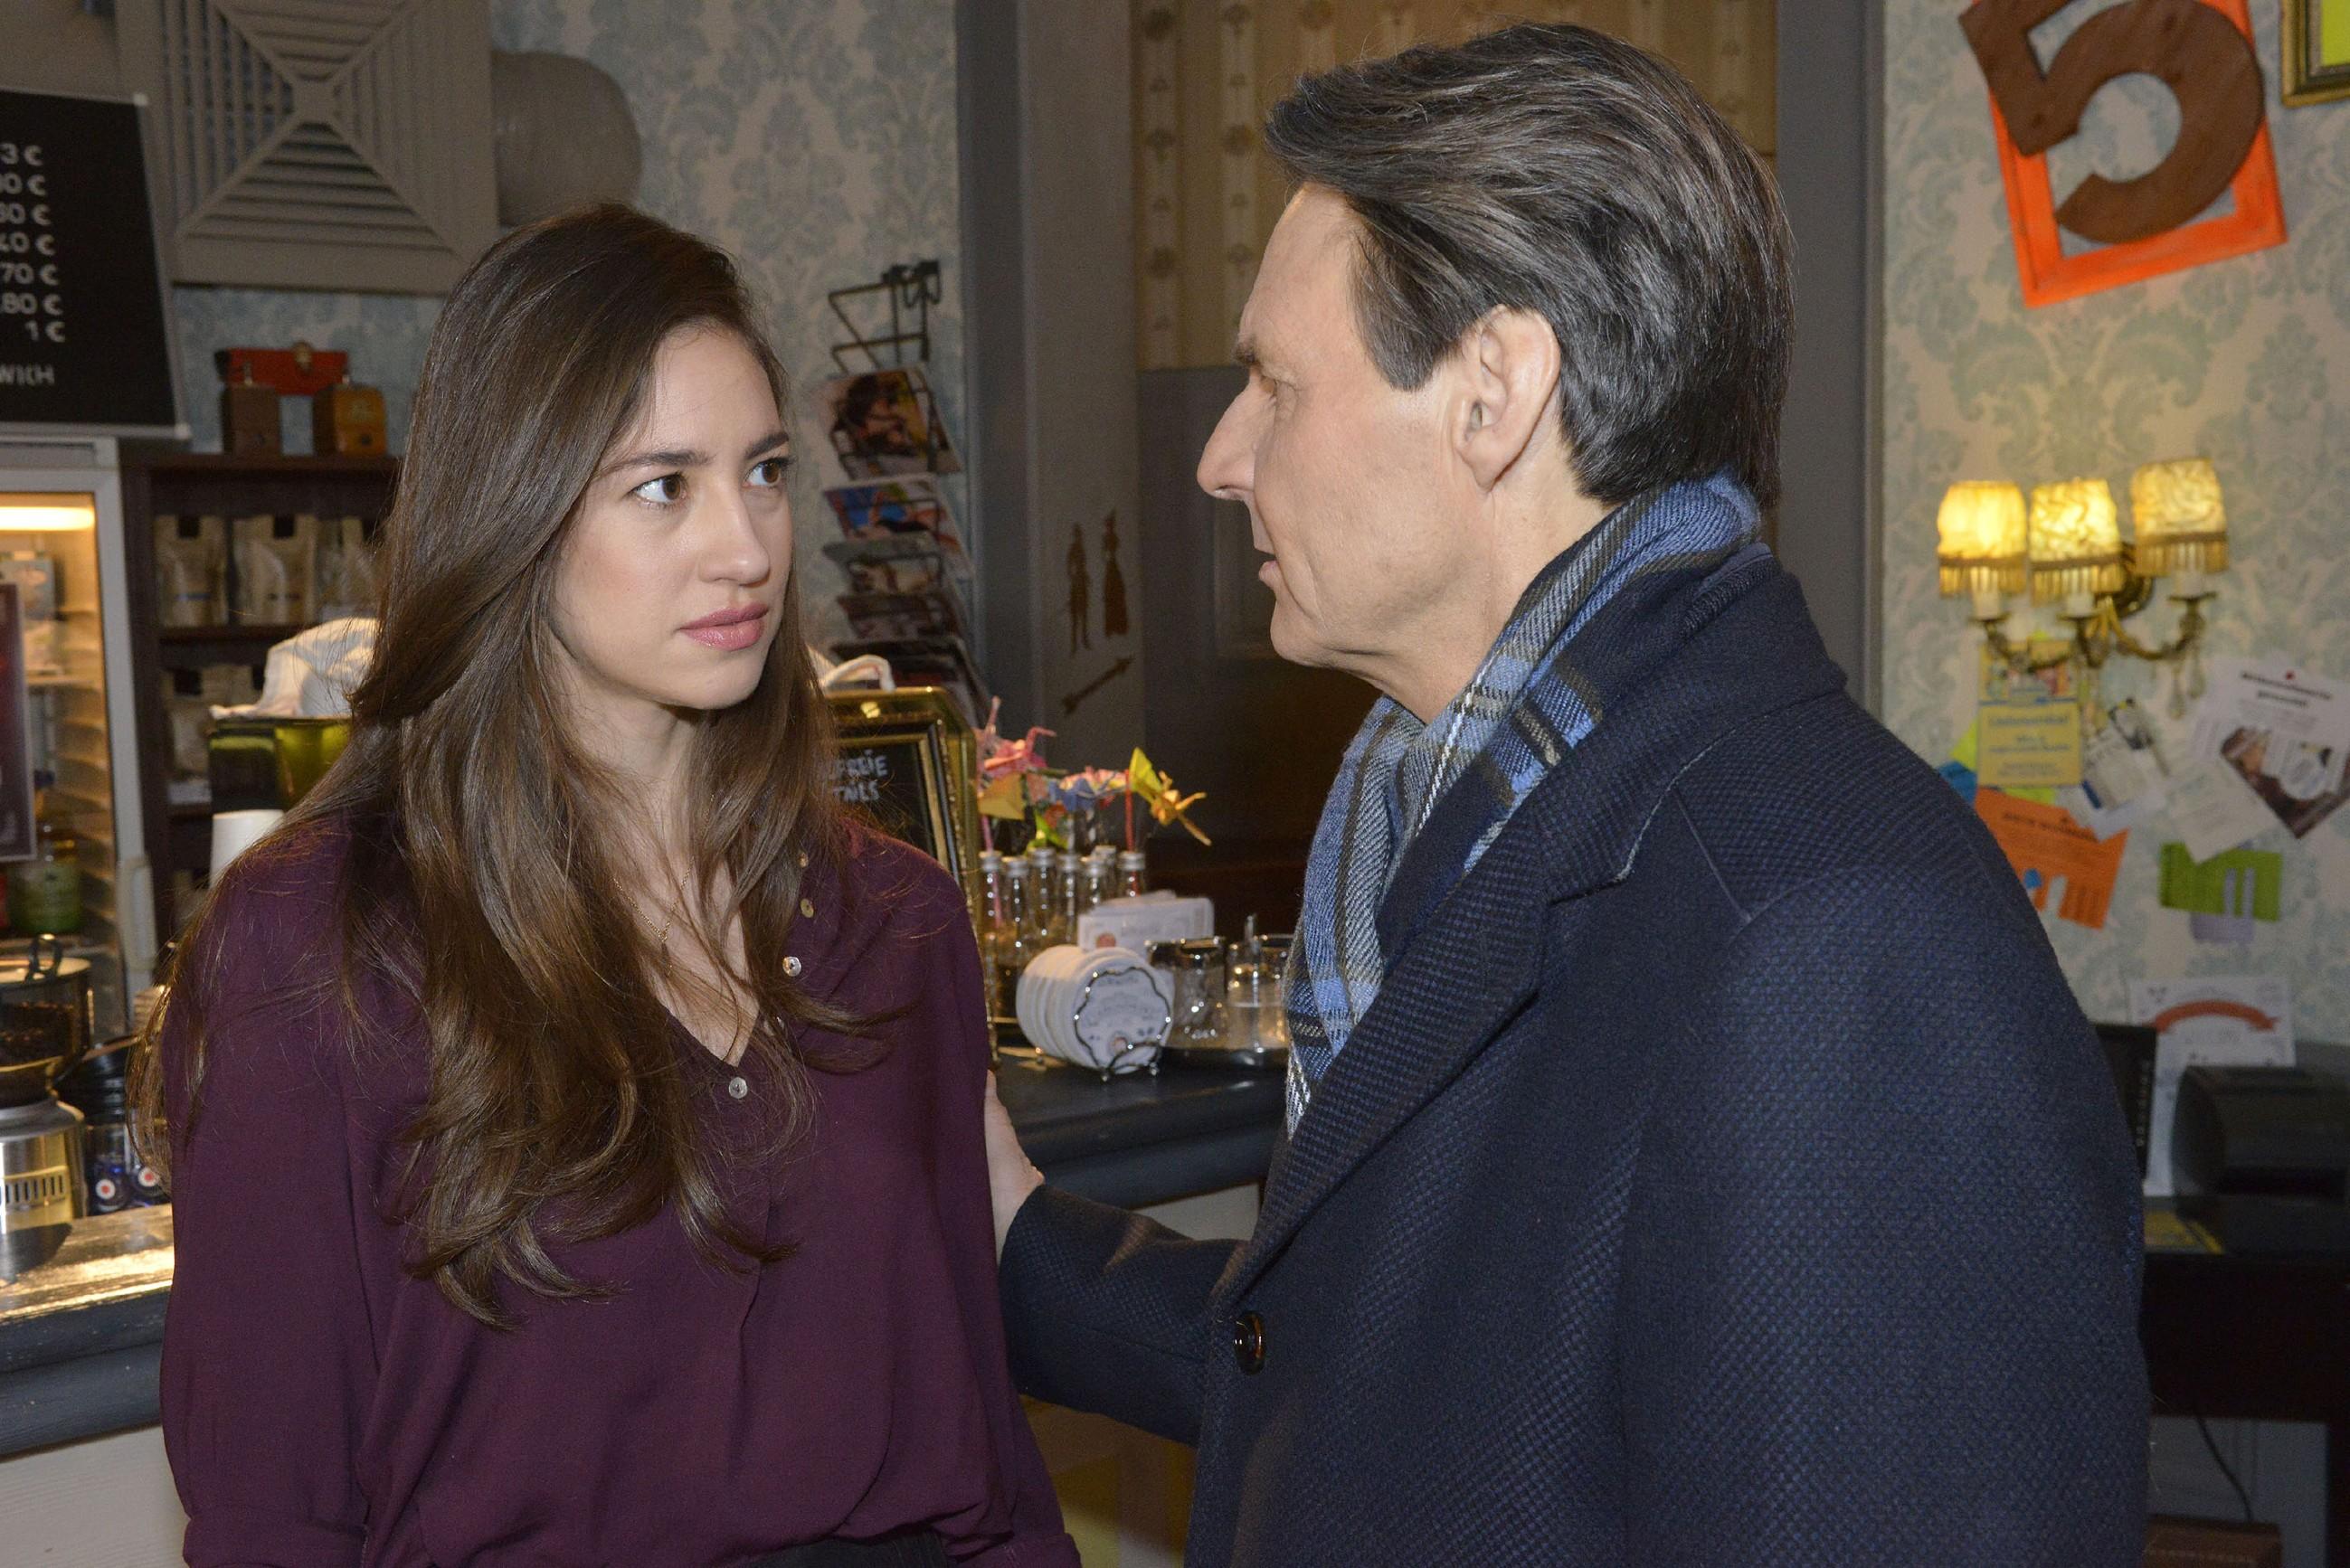 Elena (Elena Garcia Gerlach) ist erleichtert, dass Gerner (Wolfgang Bahro) ihr glaubt, dass sein Geschäftspartner Sanchez sie belästigt hat. (Quelle: RTL / Rolf Baumgartner)